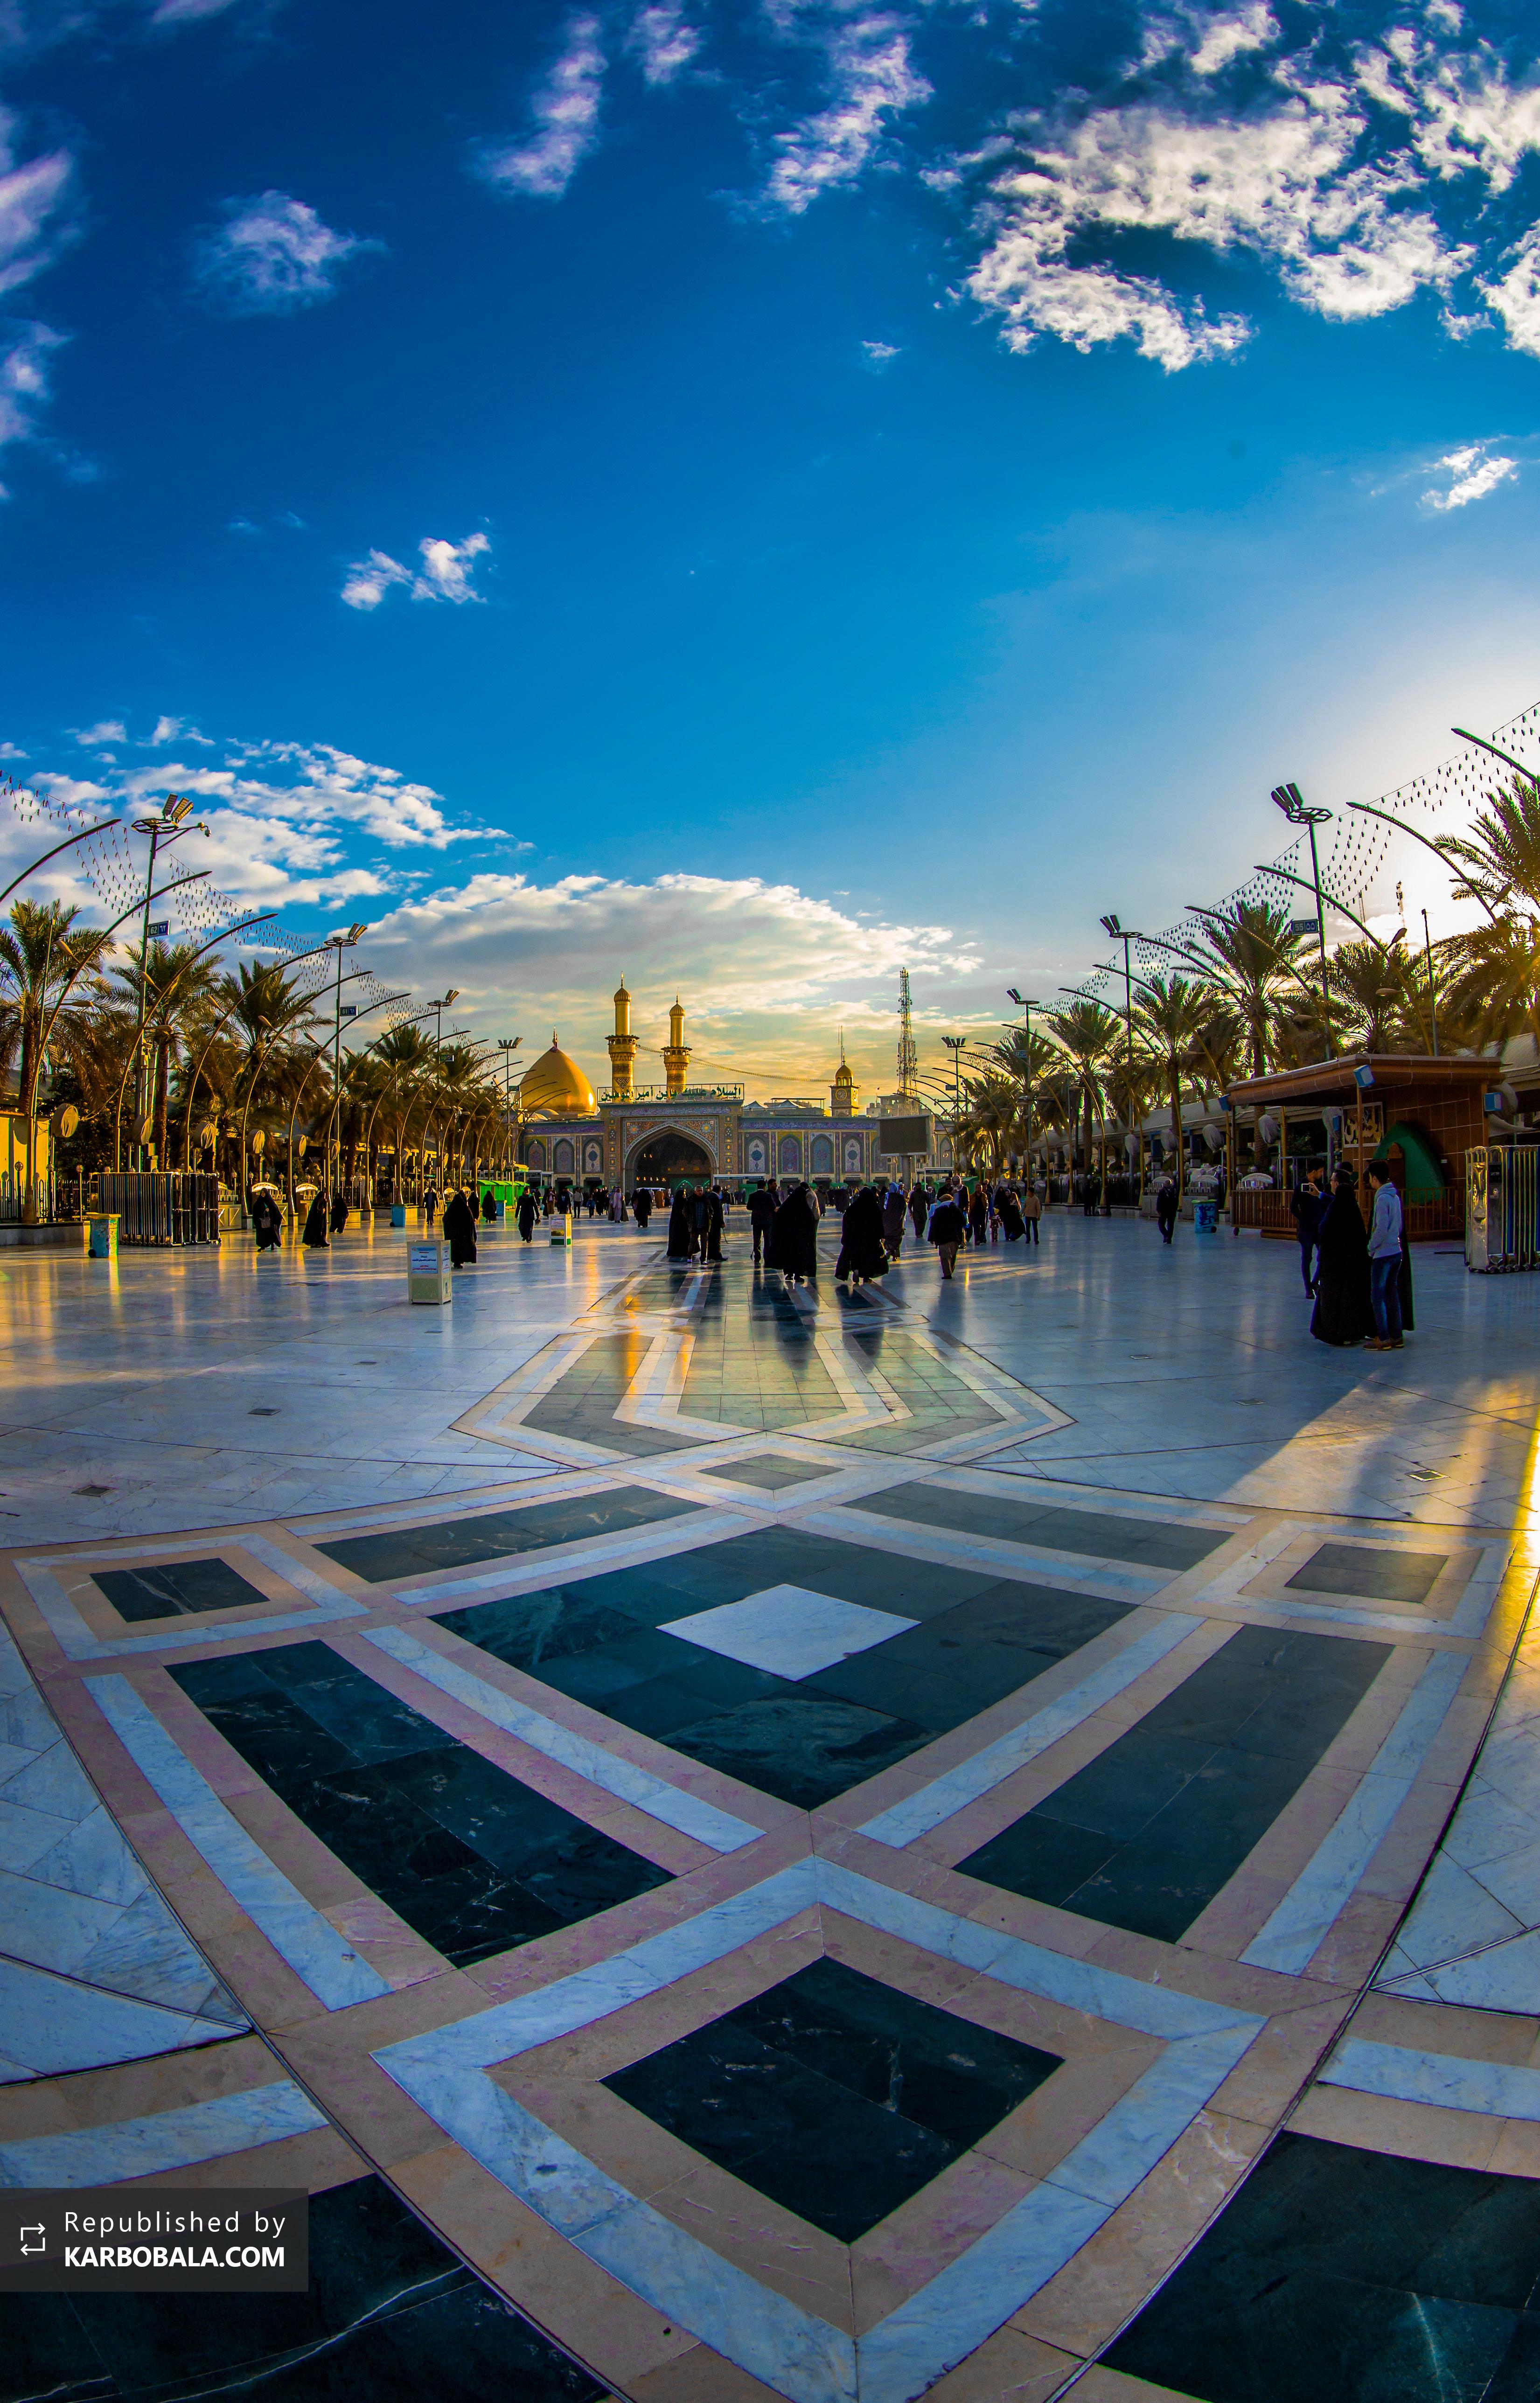 Hazrat_Abbas(1031)-Karbobala.com